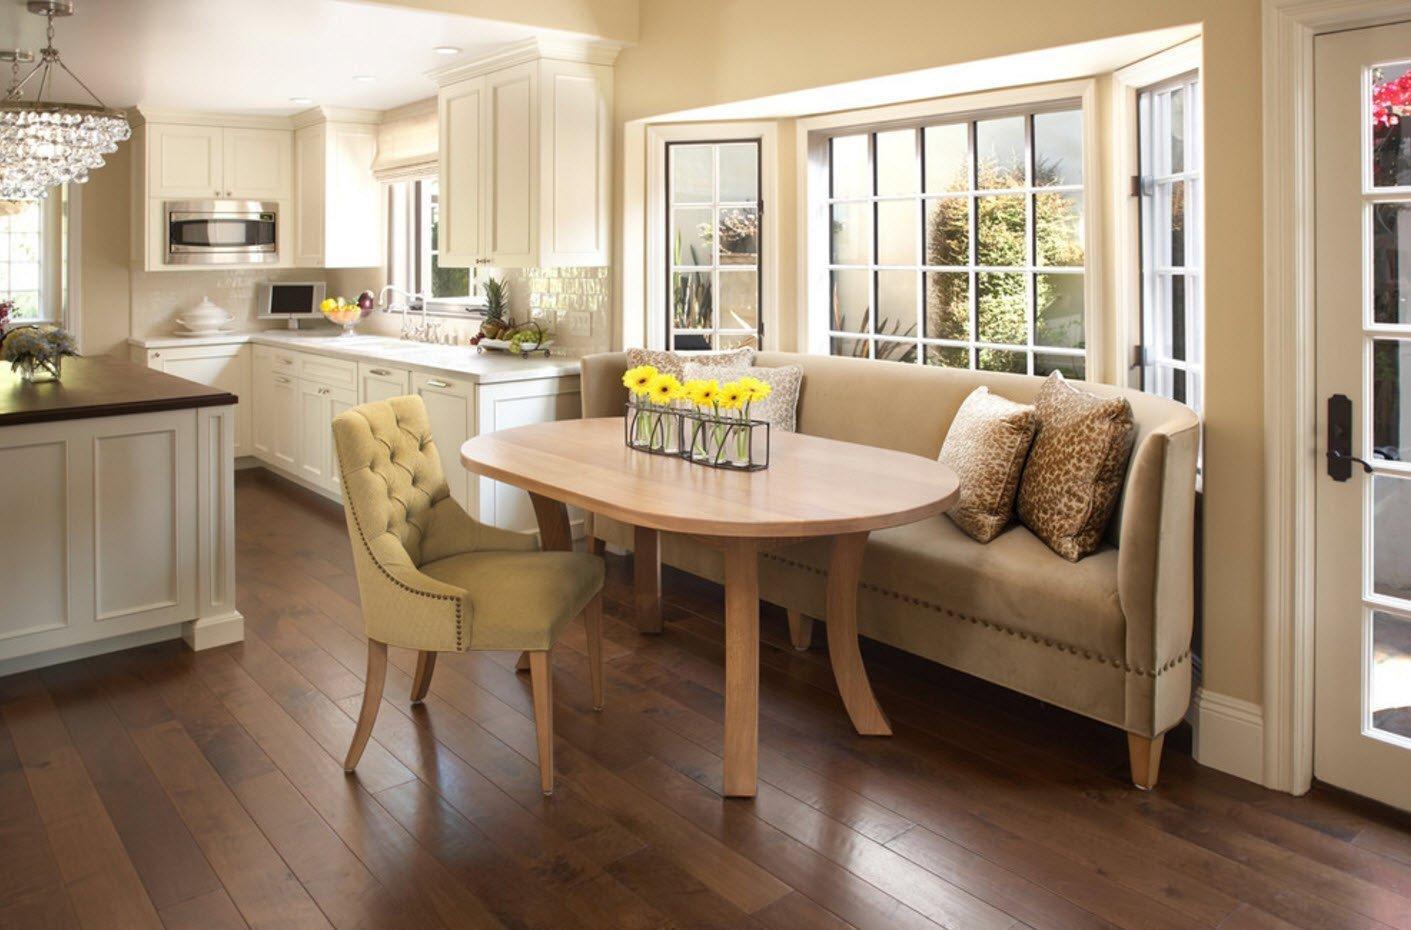 Дизайн кухни с диванчиком фото